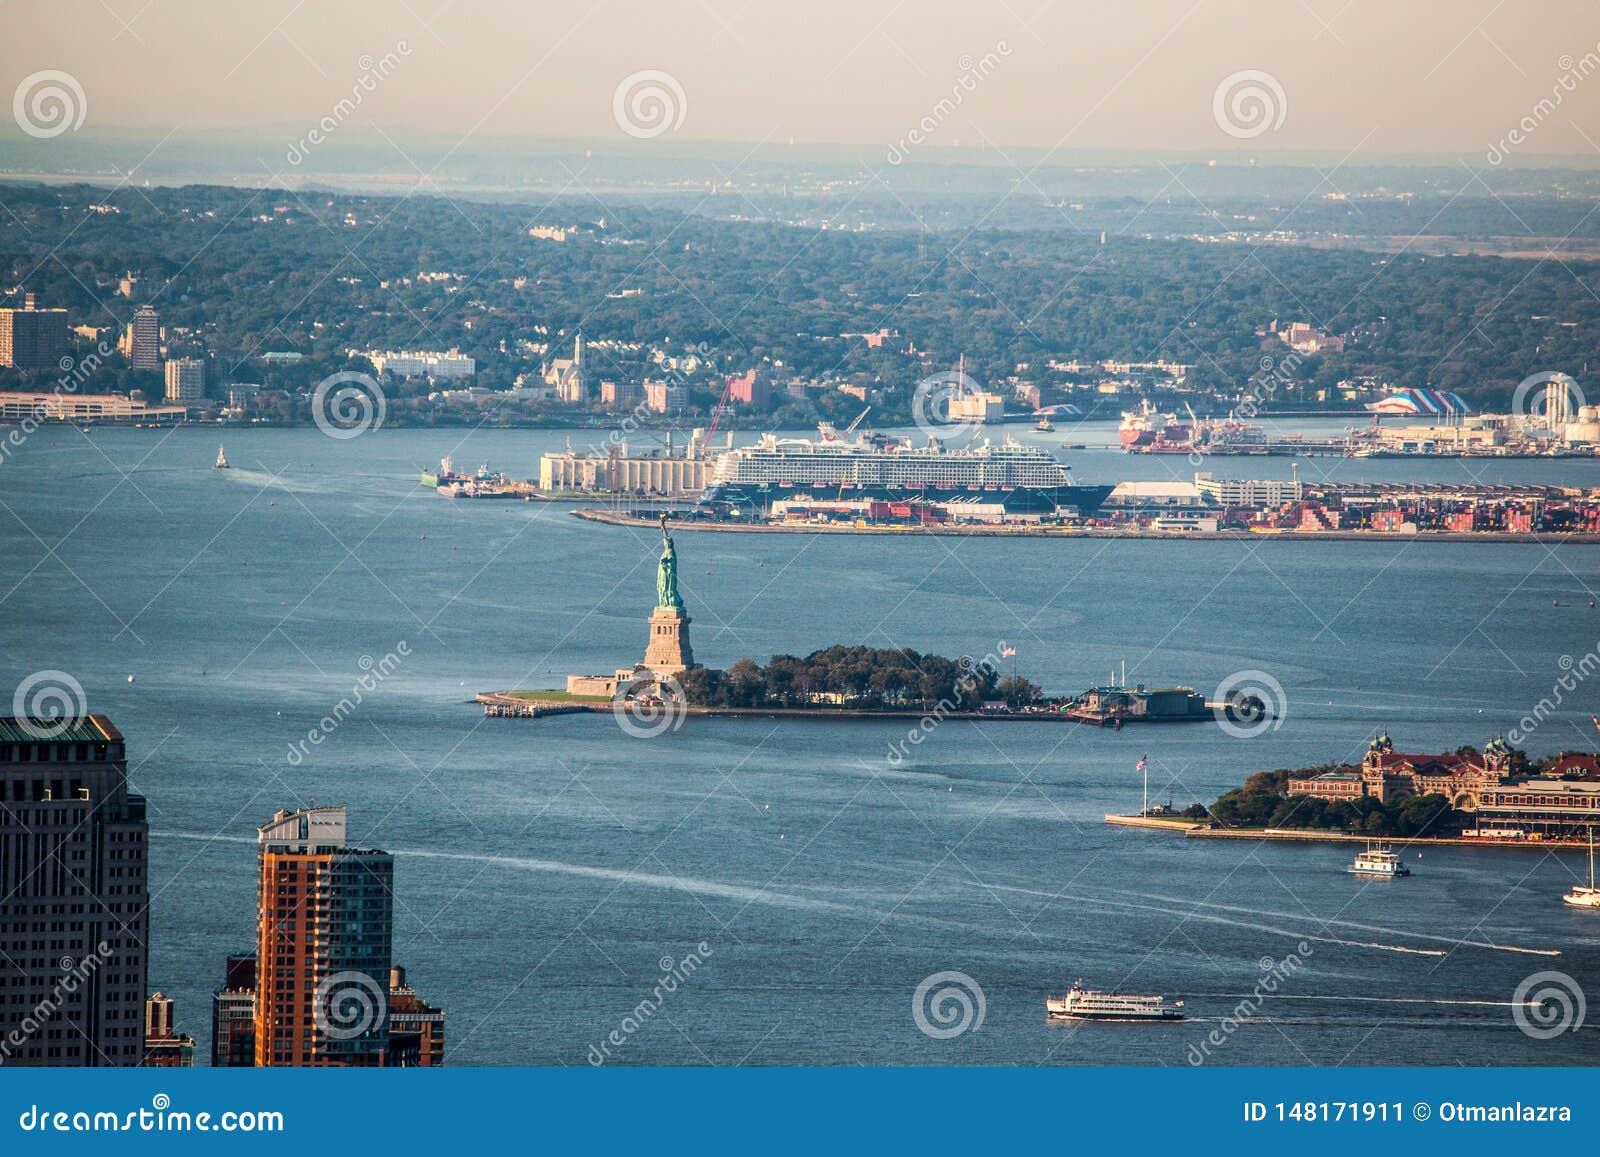 Estátua da liberdade vista da plataforma de observação do Empire State Building